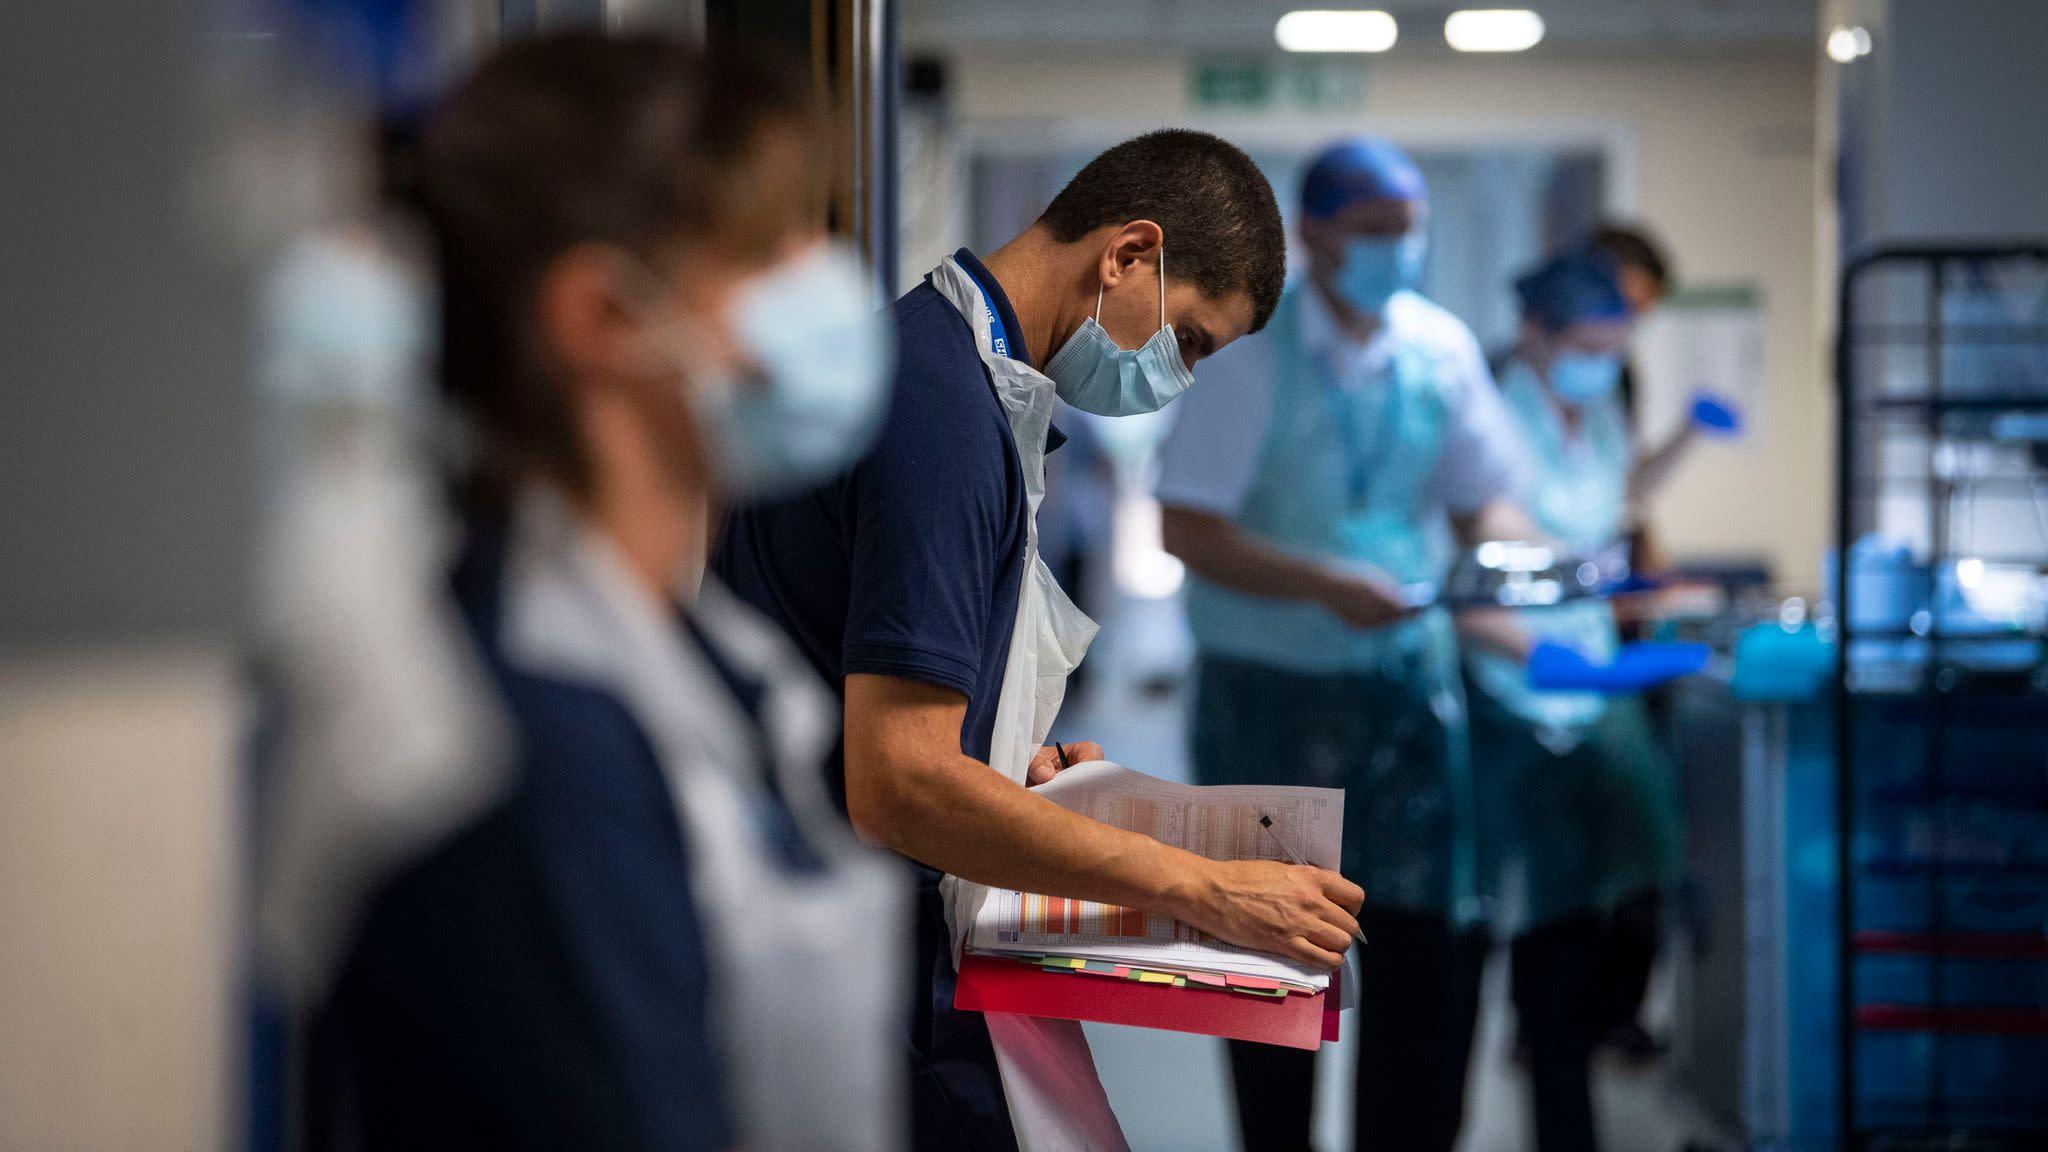 Coronavirus deaths: 15 people die with COVID-19 in UK ...